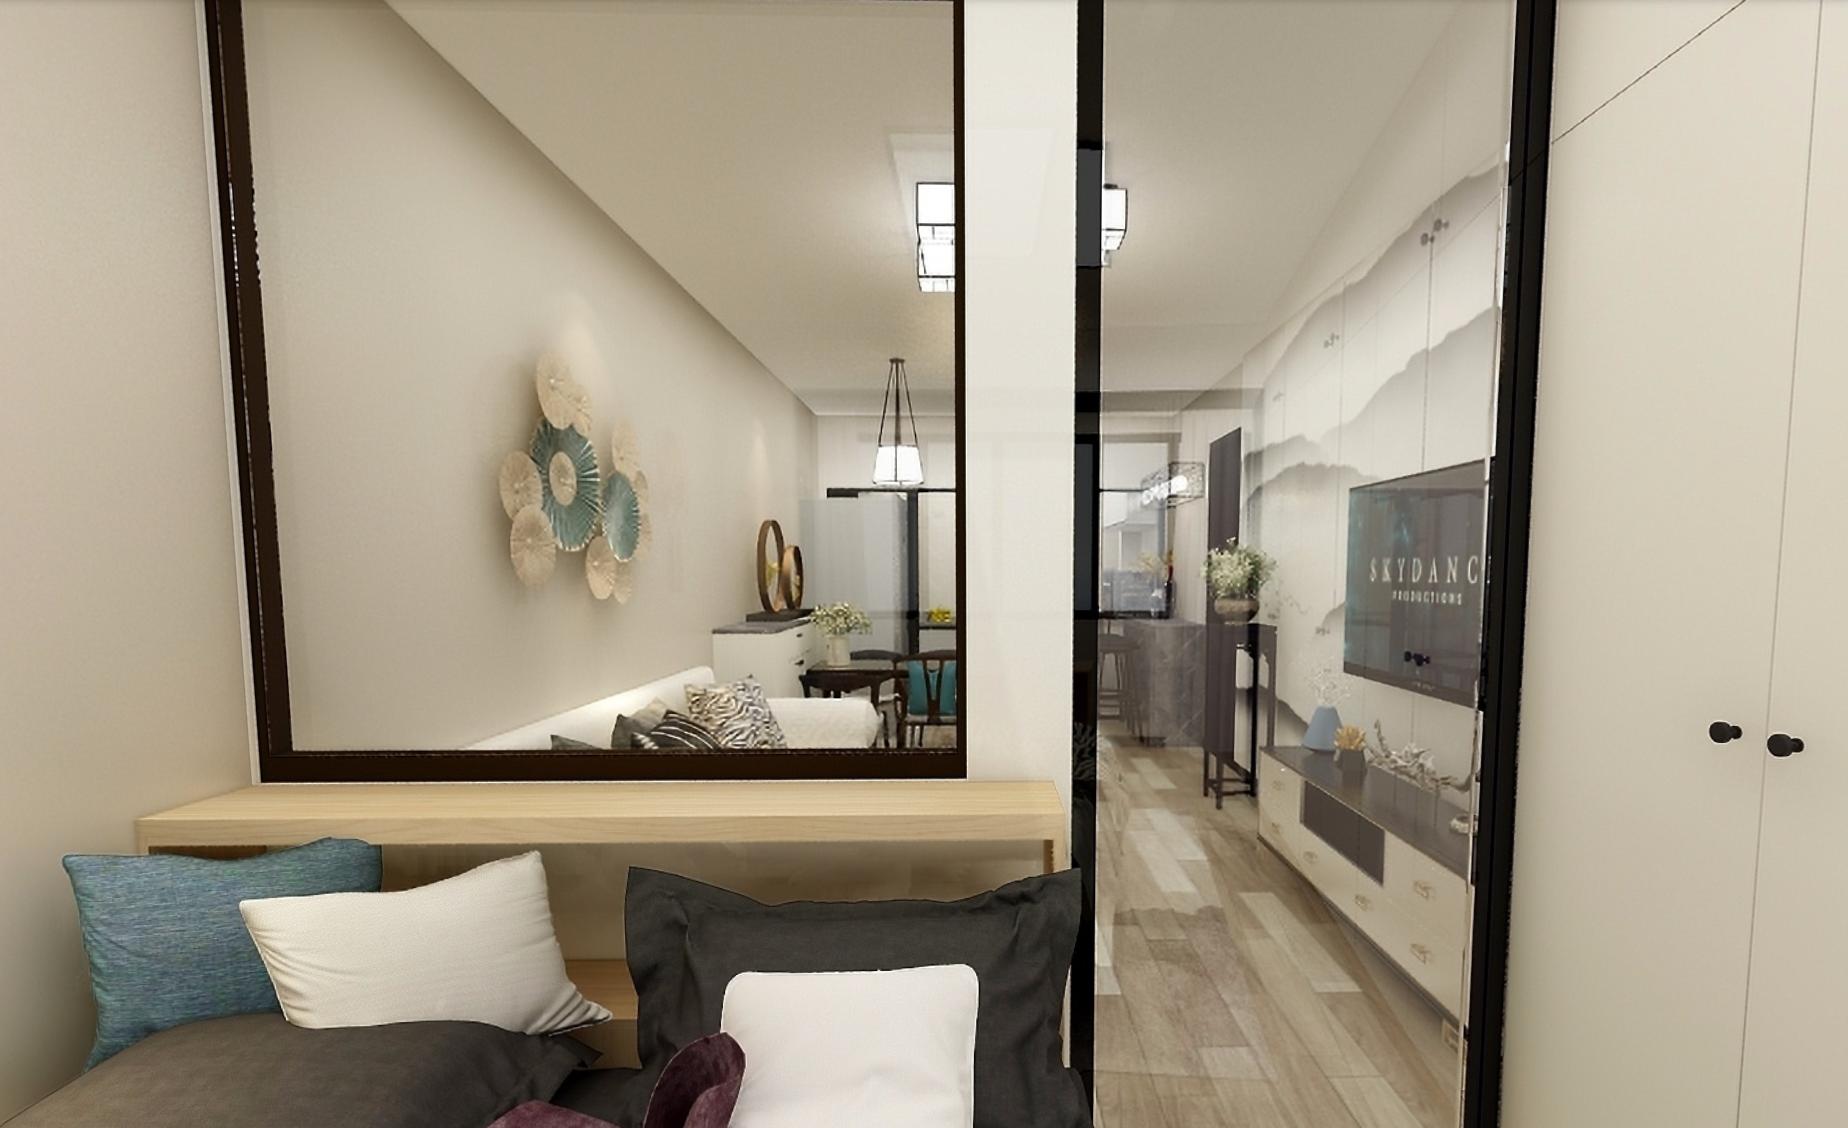 卧室效果图.为了增加客厅的光线,卧室与客厅的隔断大量使用透明玻璃.图片